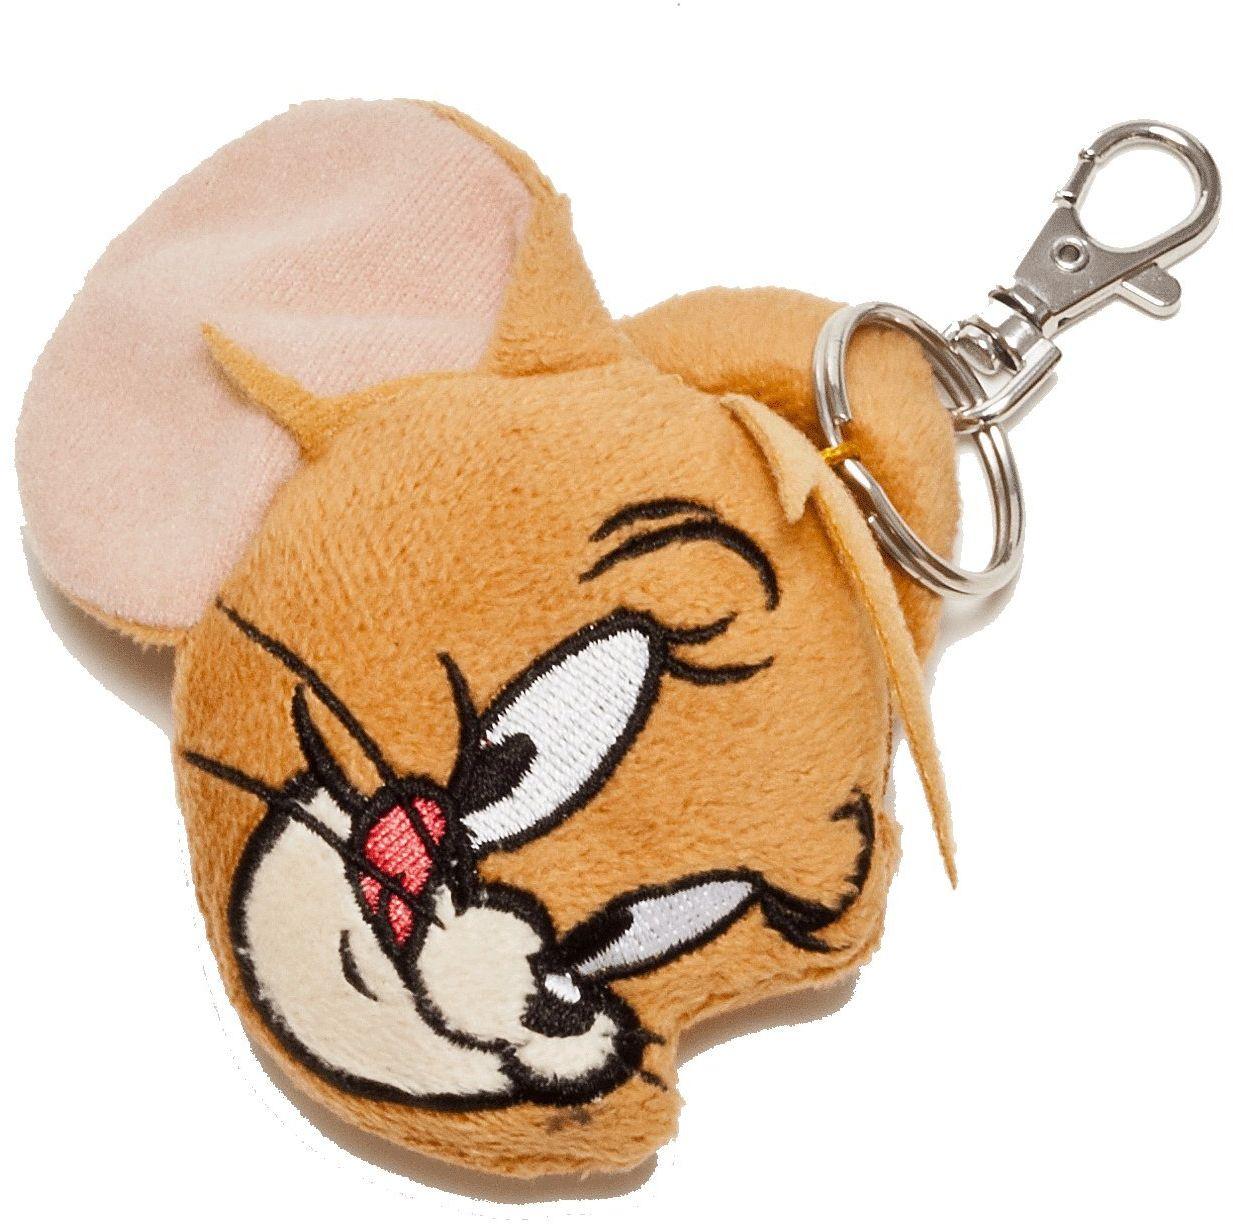 Tom & Jerry 233326 - Jerry pluszowy stojak na skarby, 7 cm